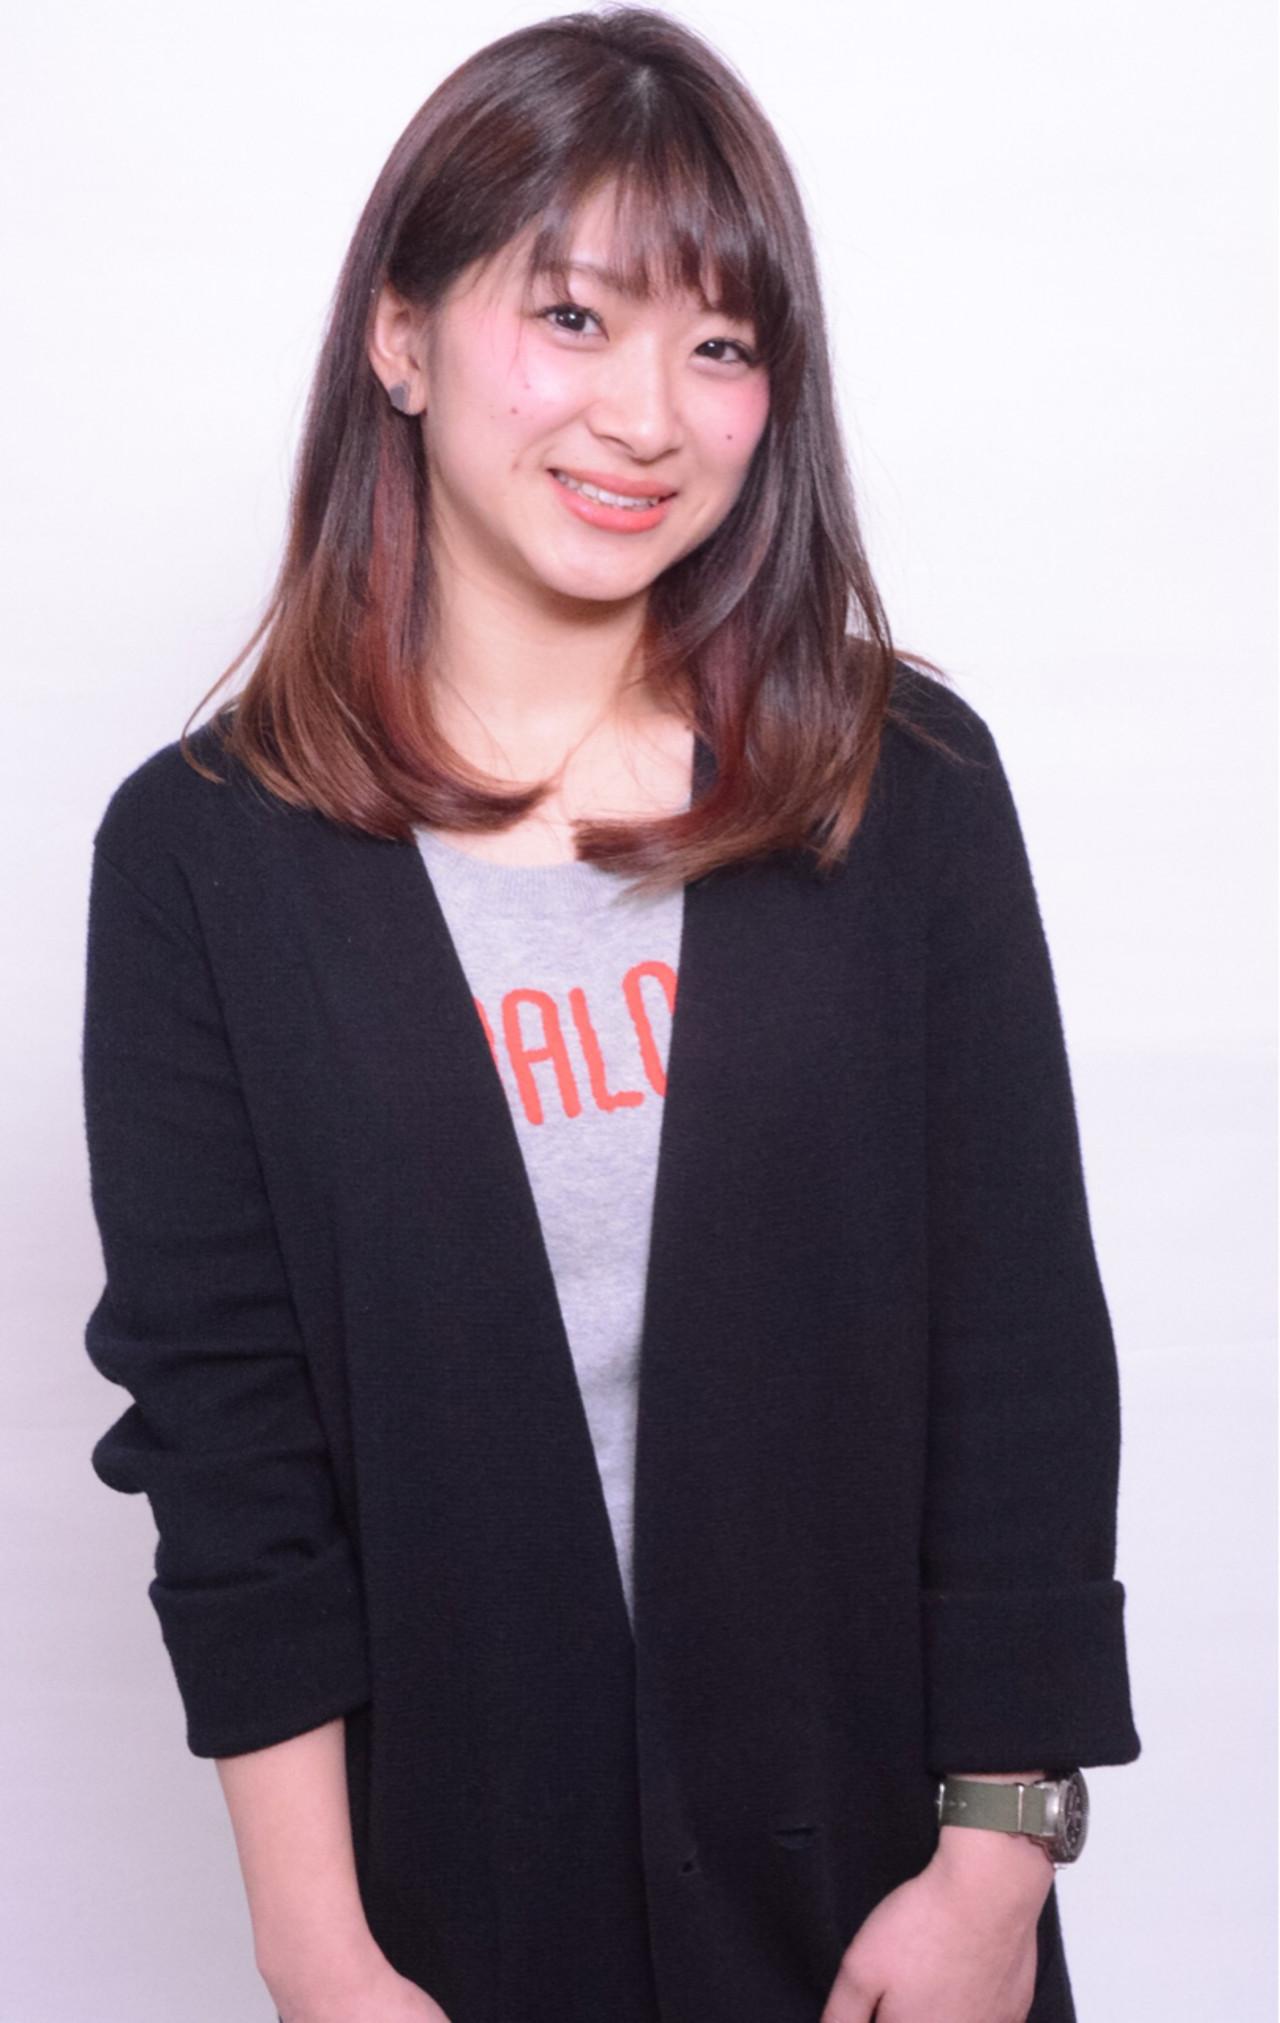 オン眉 外国人風 グラデーションカラー ハイライト ヘアスタイルや髪型の写真・画像 | 瀧田 喬 / onebyoneCLACCA